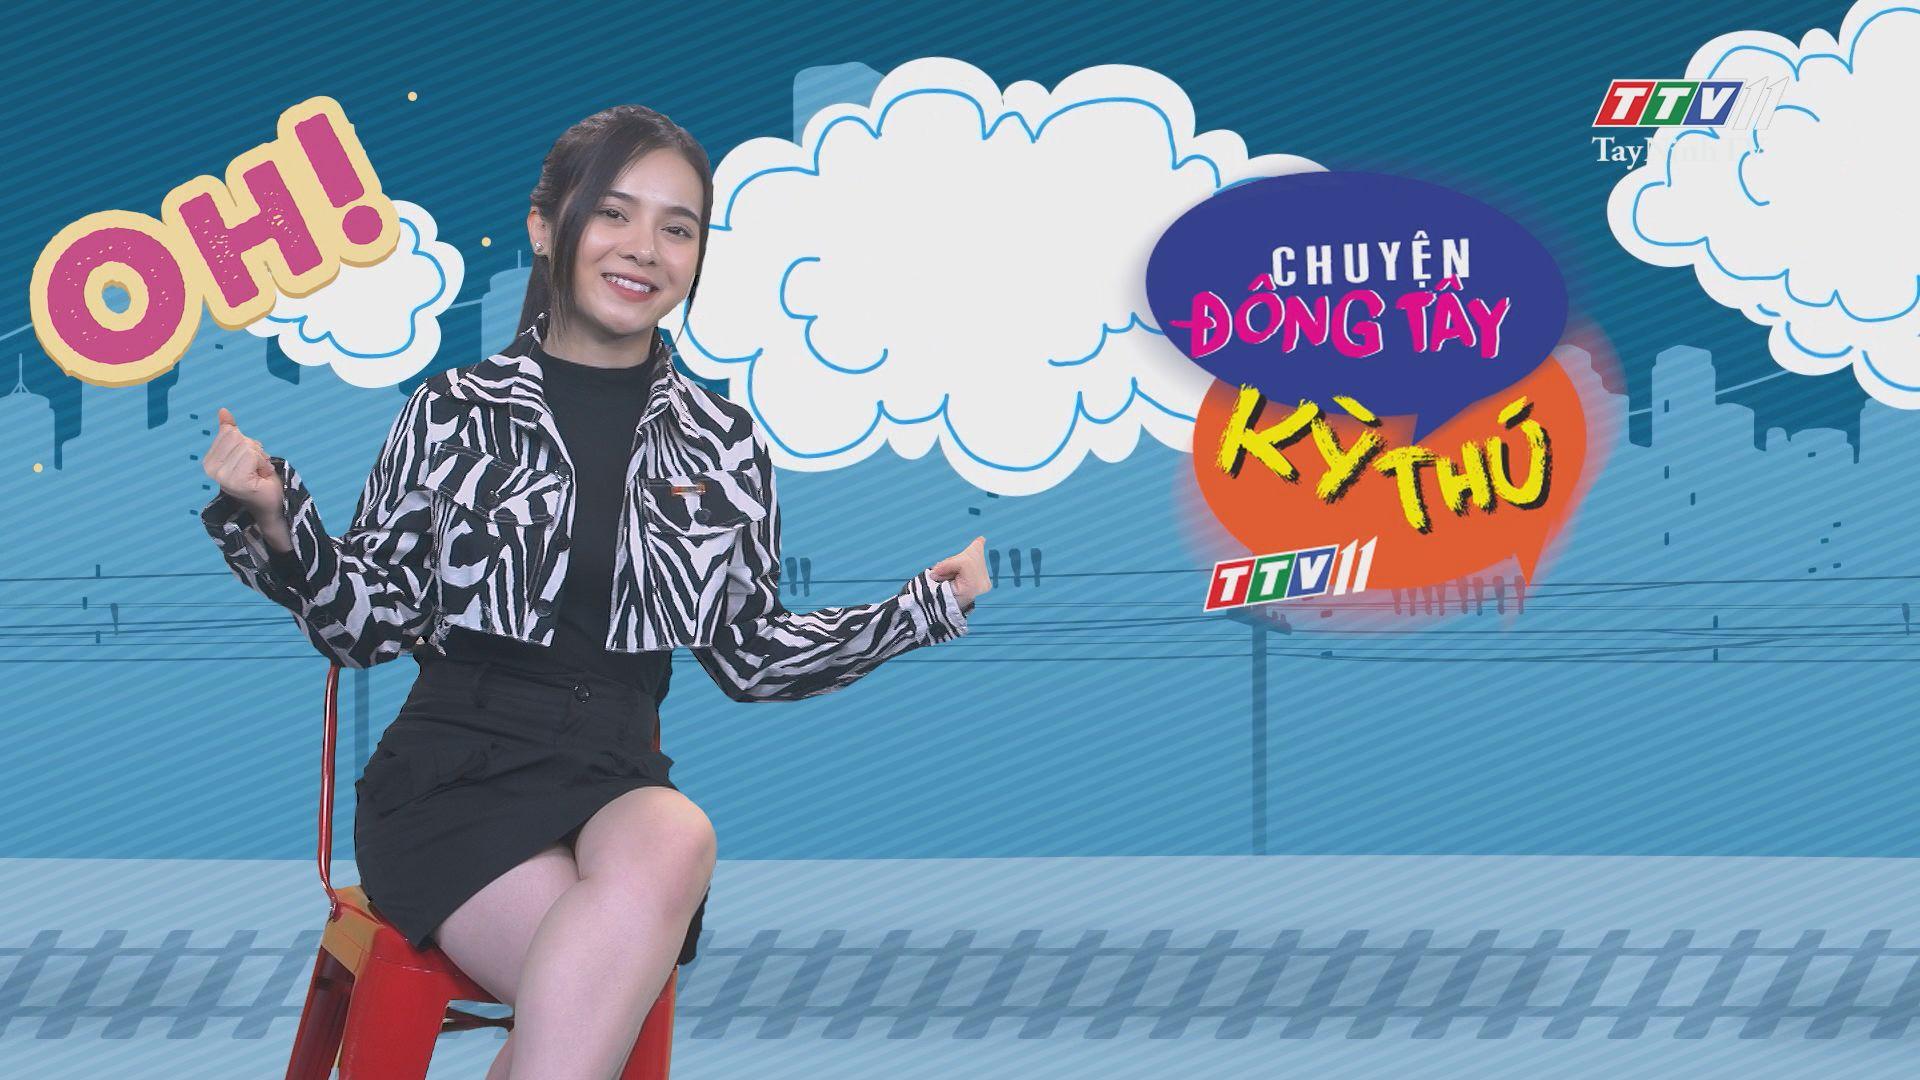 Chuyện Đông Tây Kỳ Thú 13-5-2020 | TayNinhTV